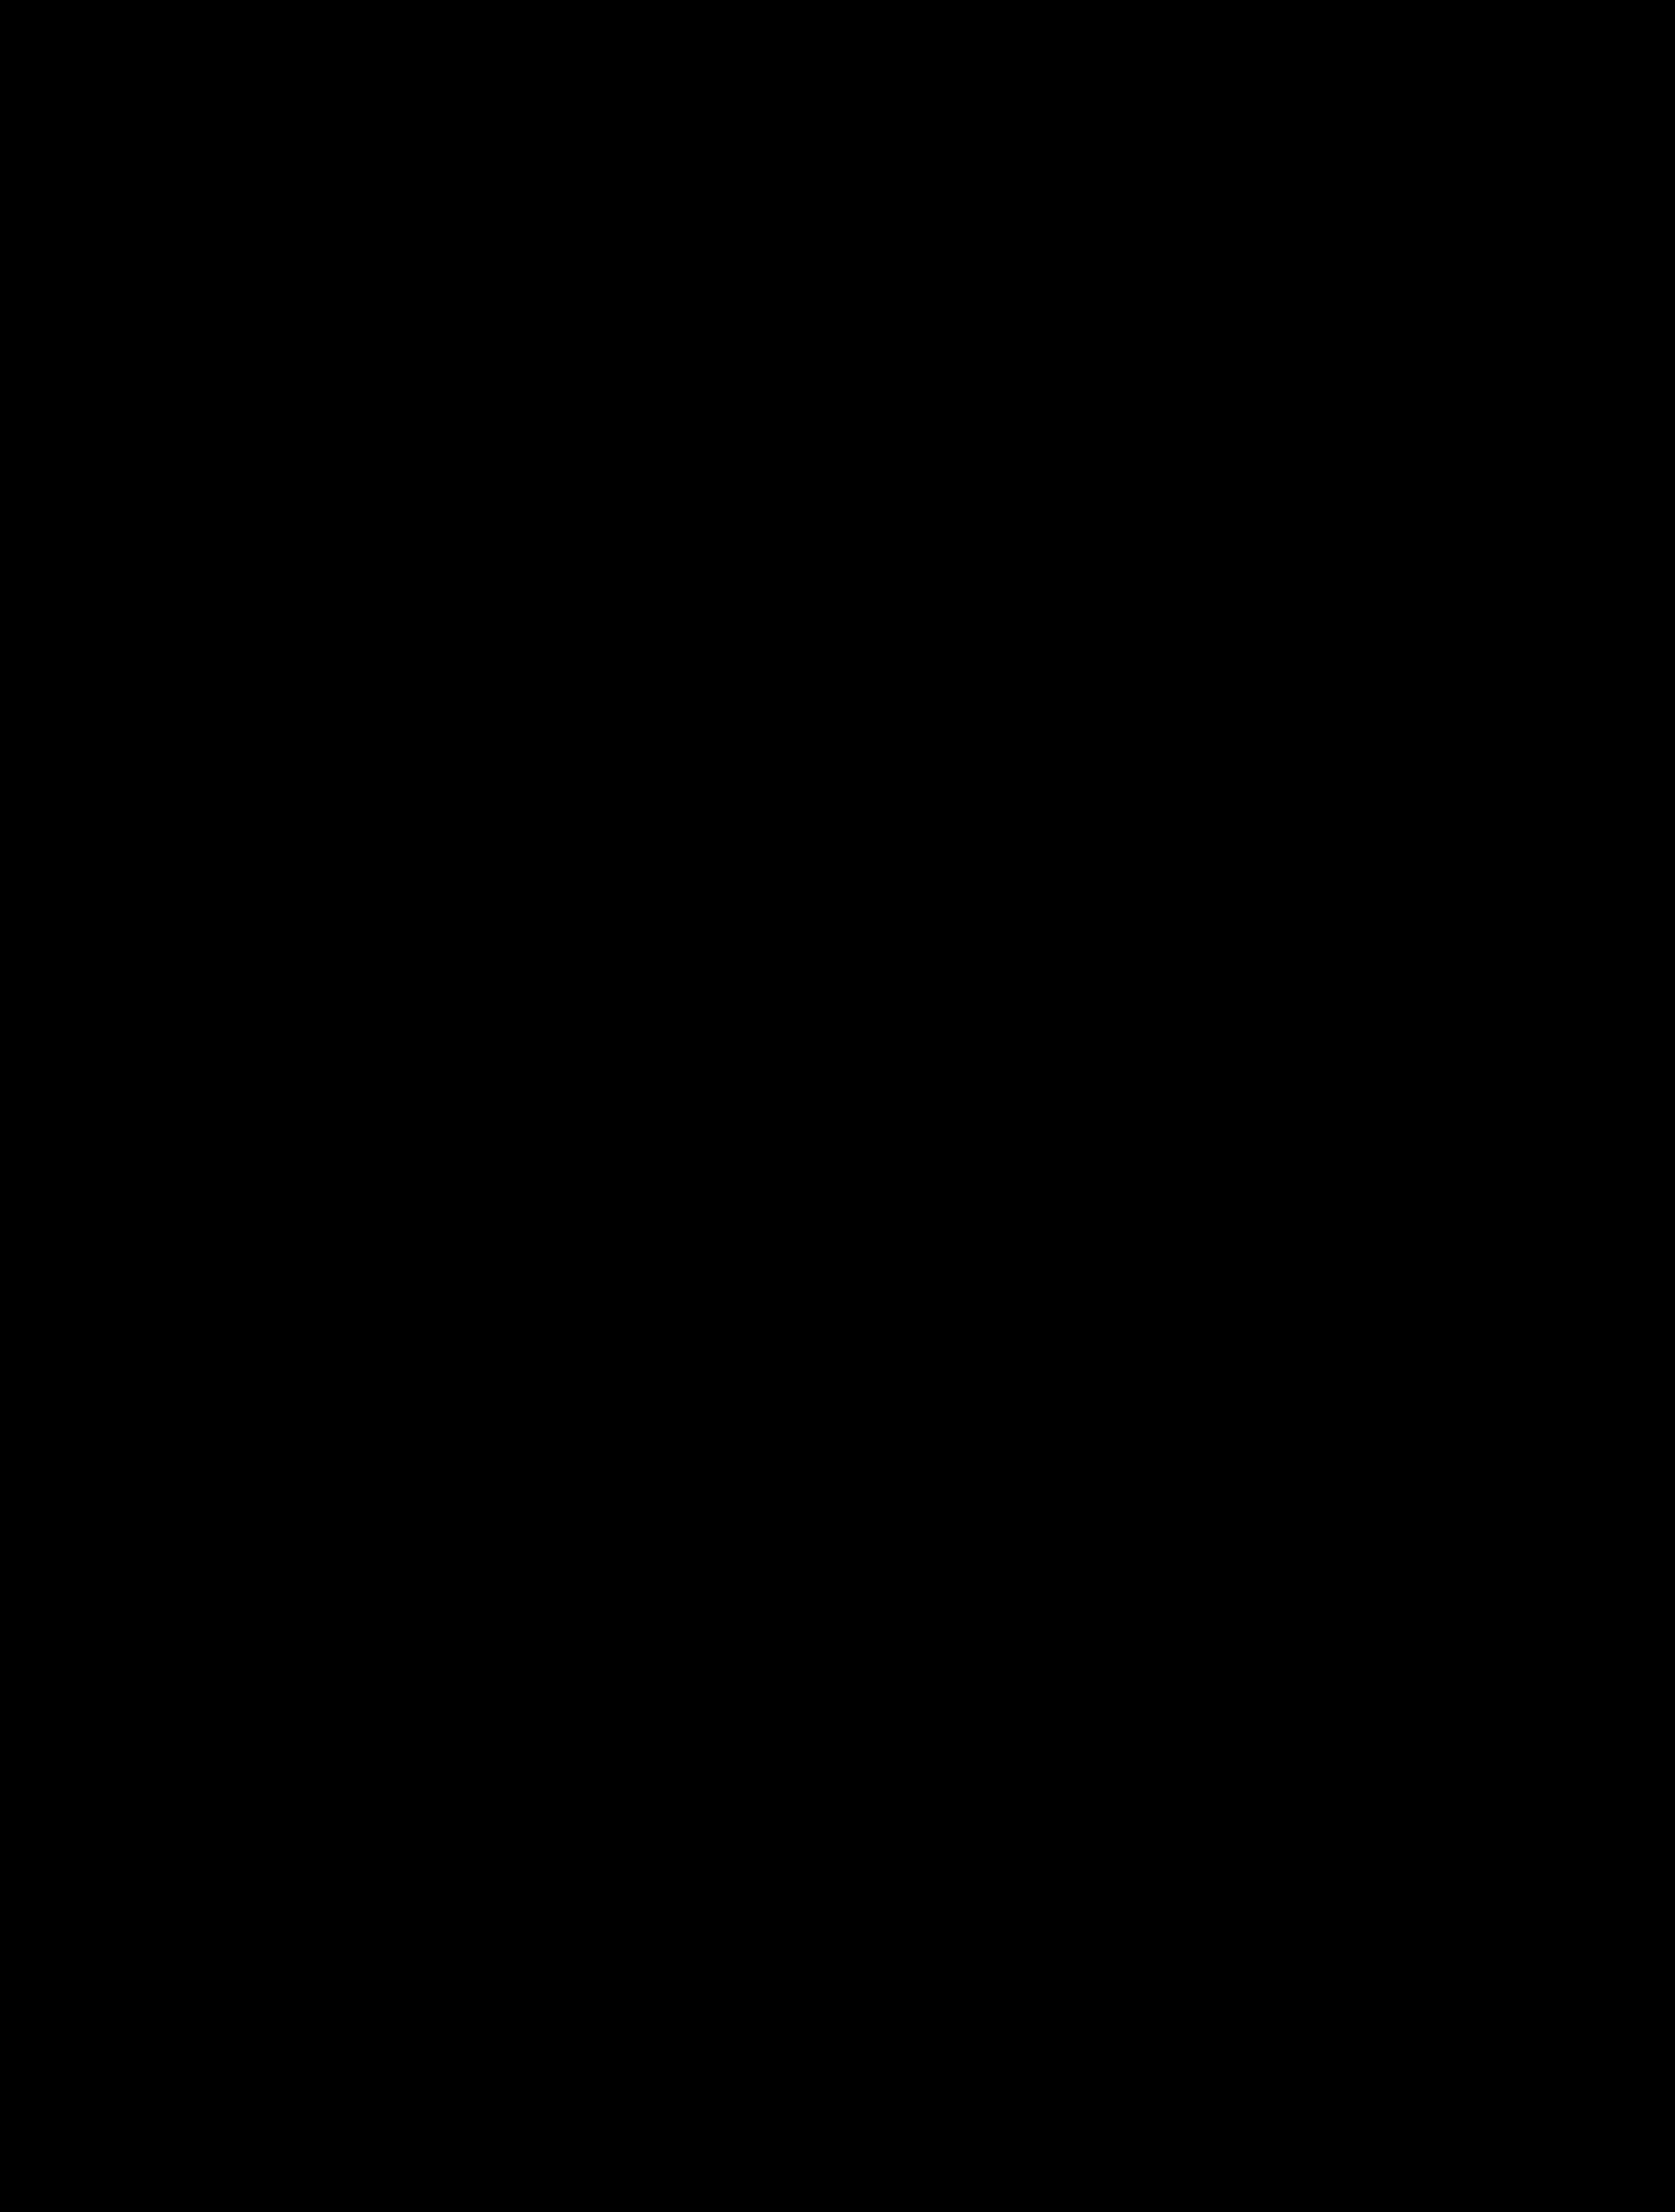 Nefertiti Vector